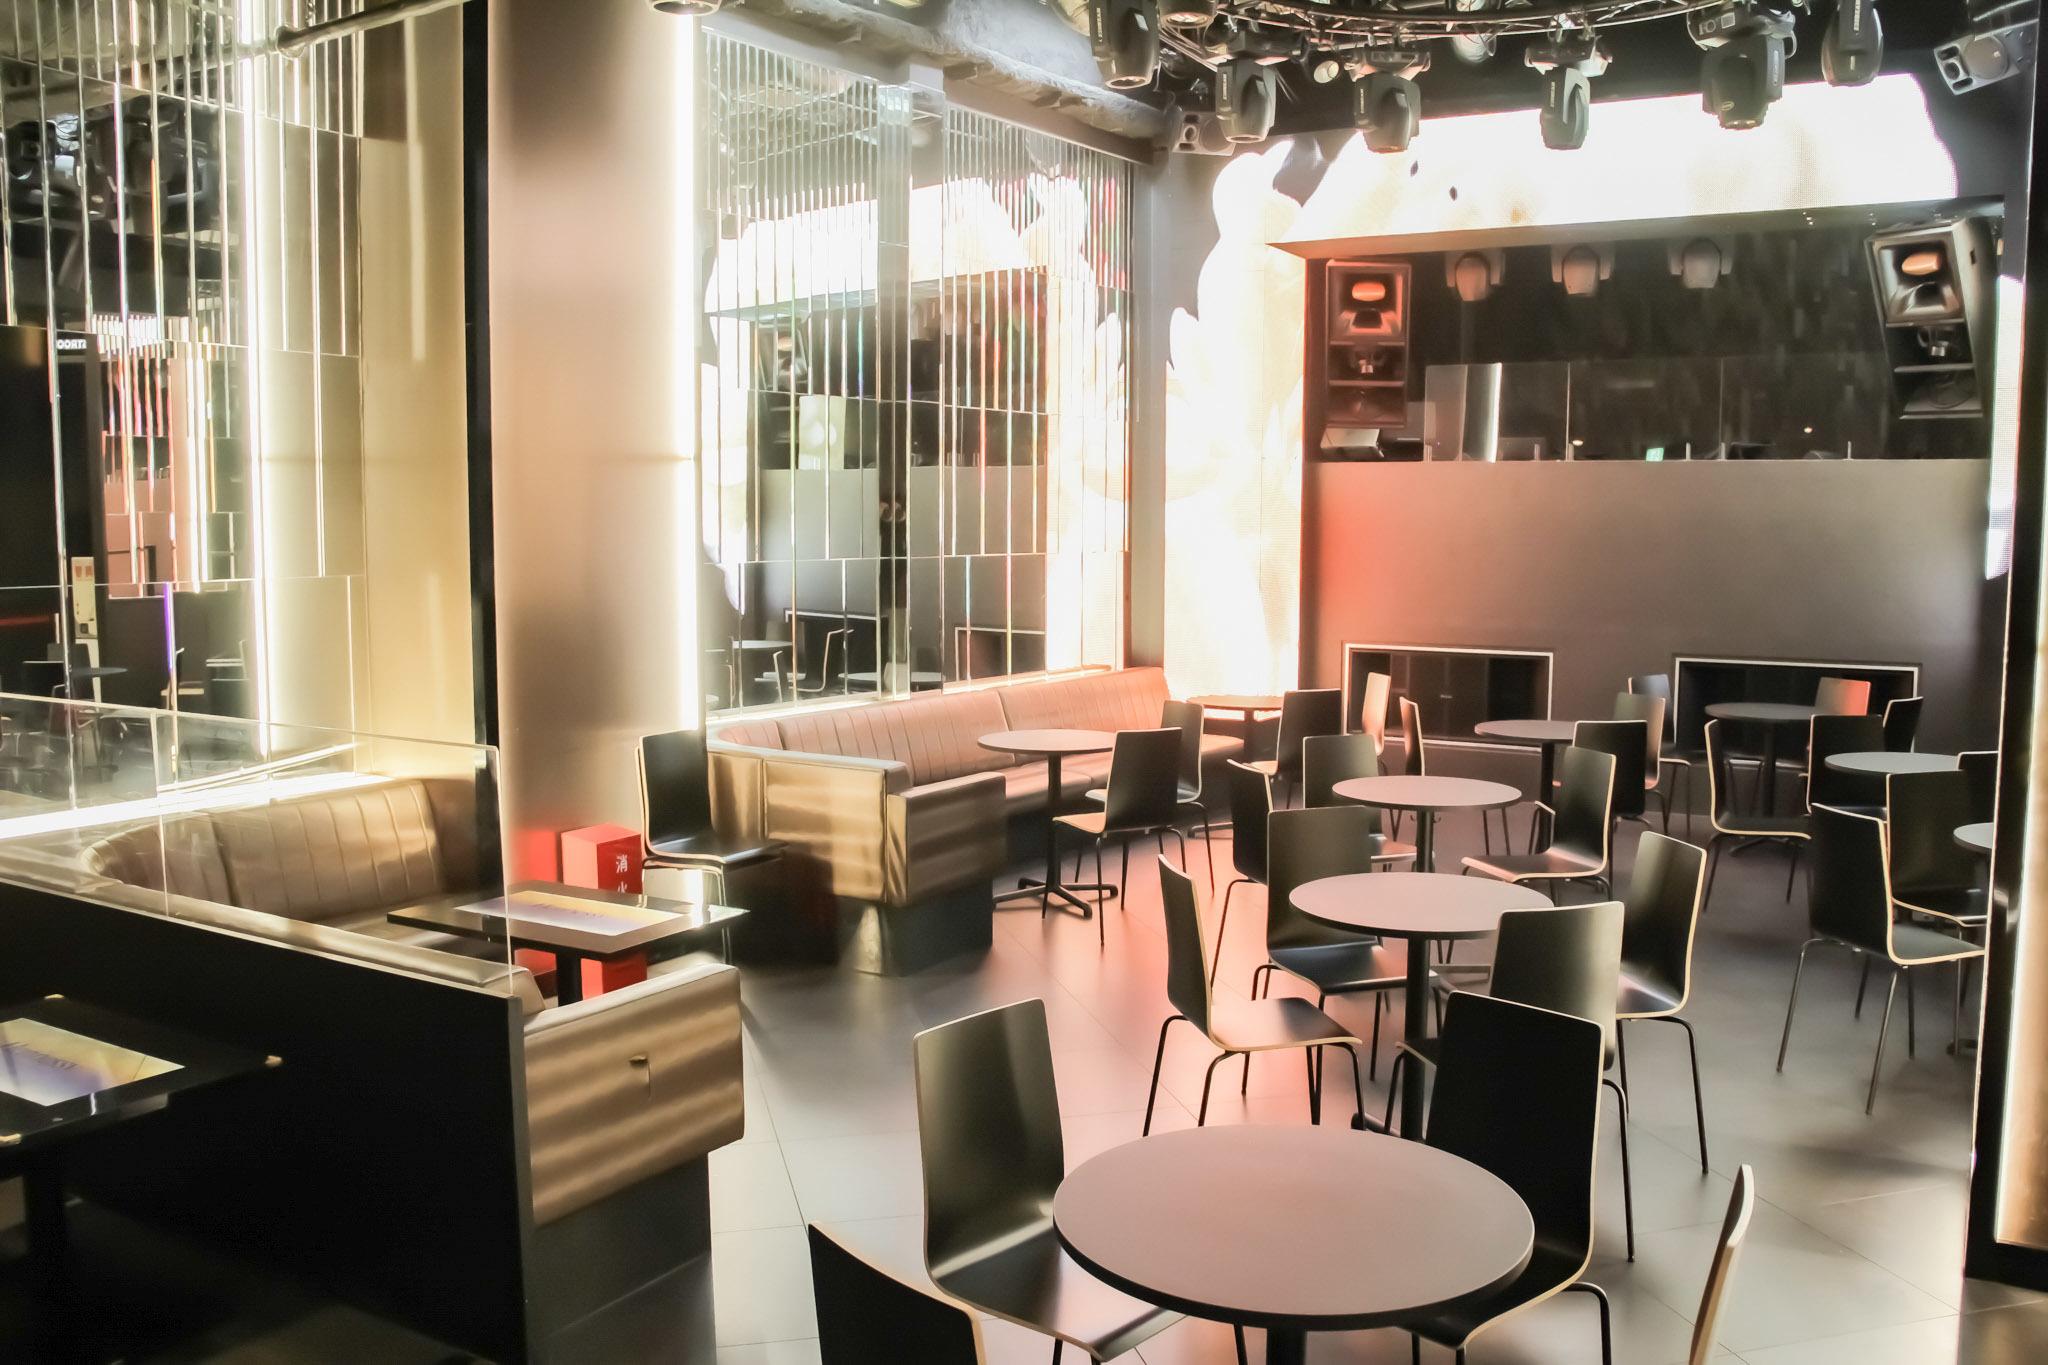 渋谷最大規模のクラブATOMがコワーキングスペースに変身